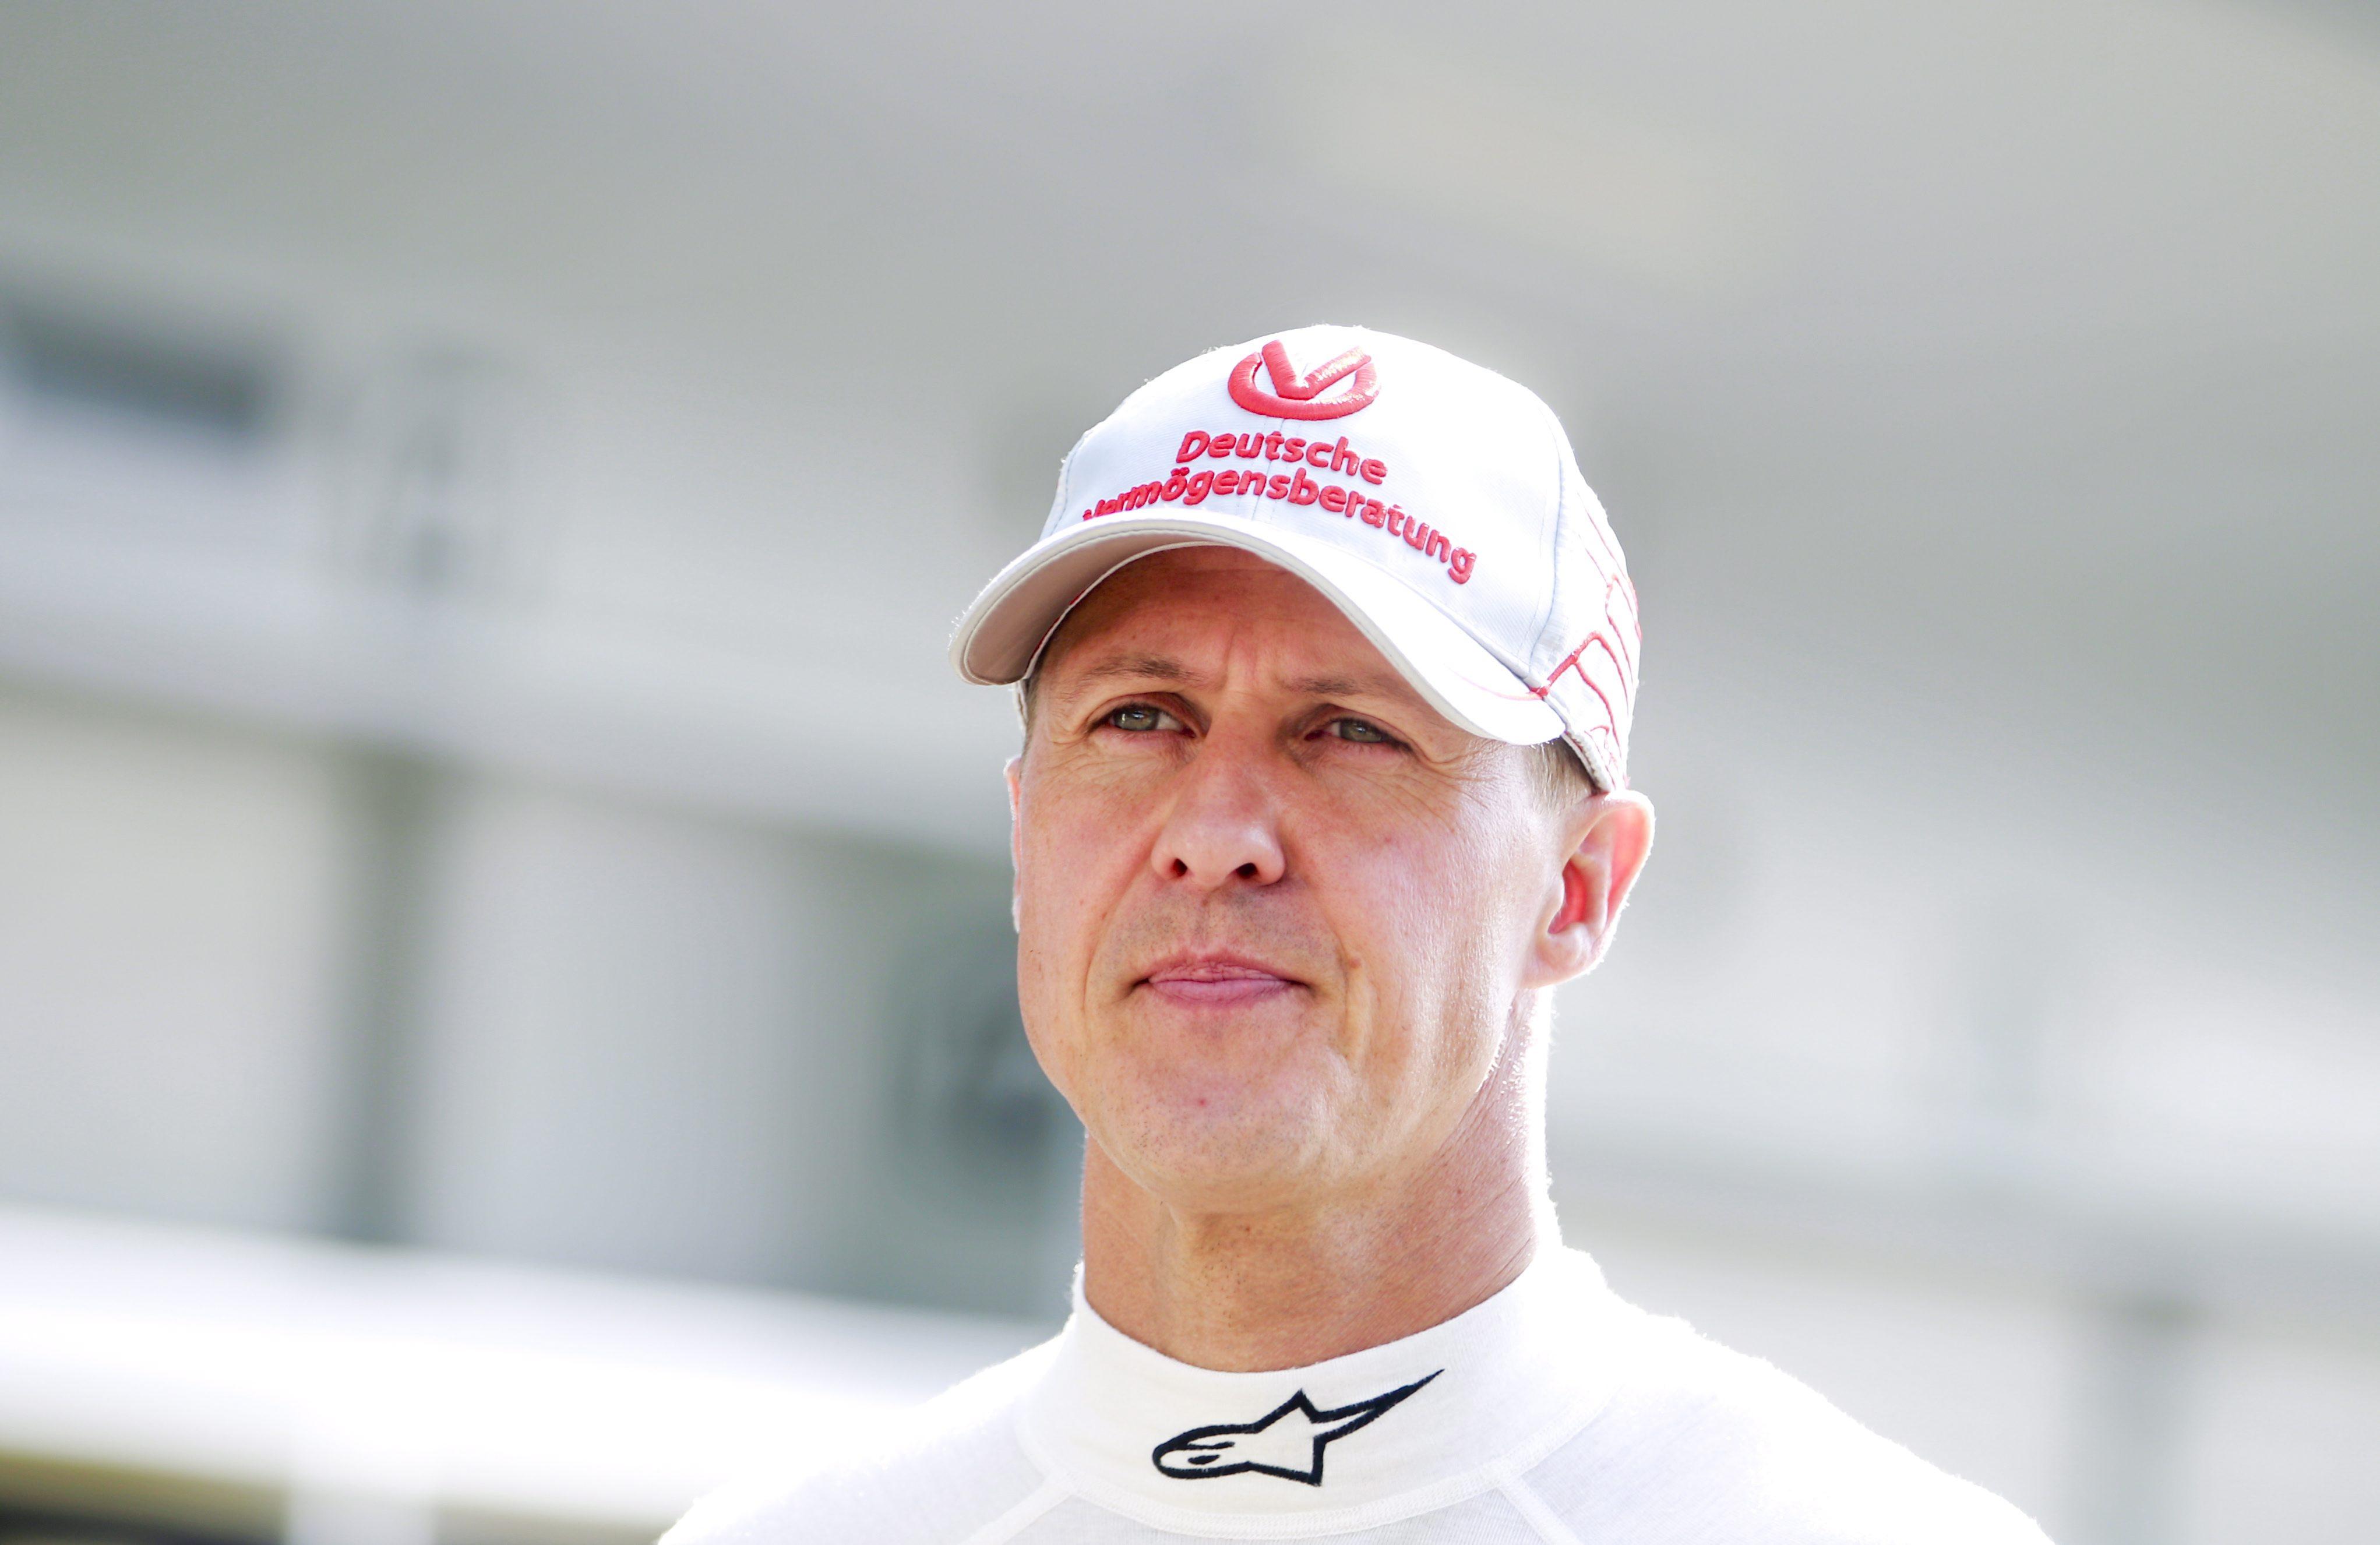 Шумахер: Щастлив съм от успеха на Розберг